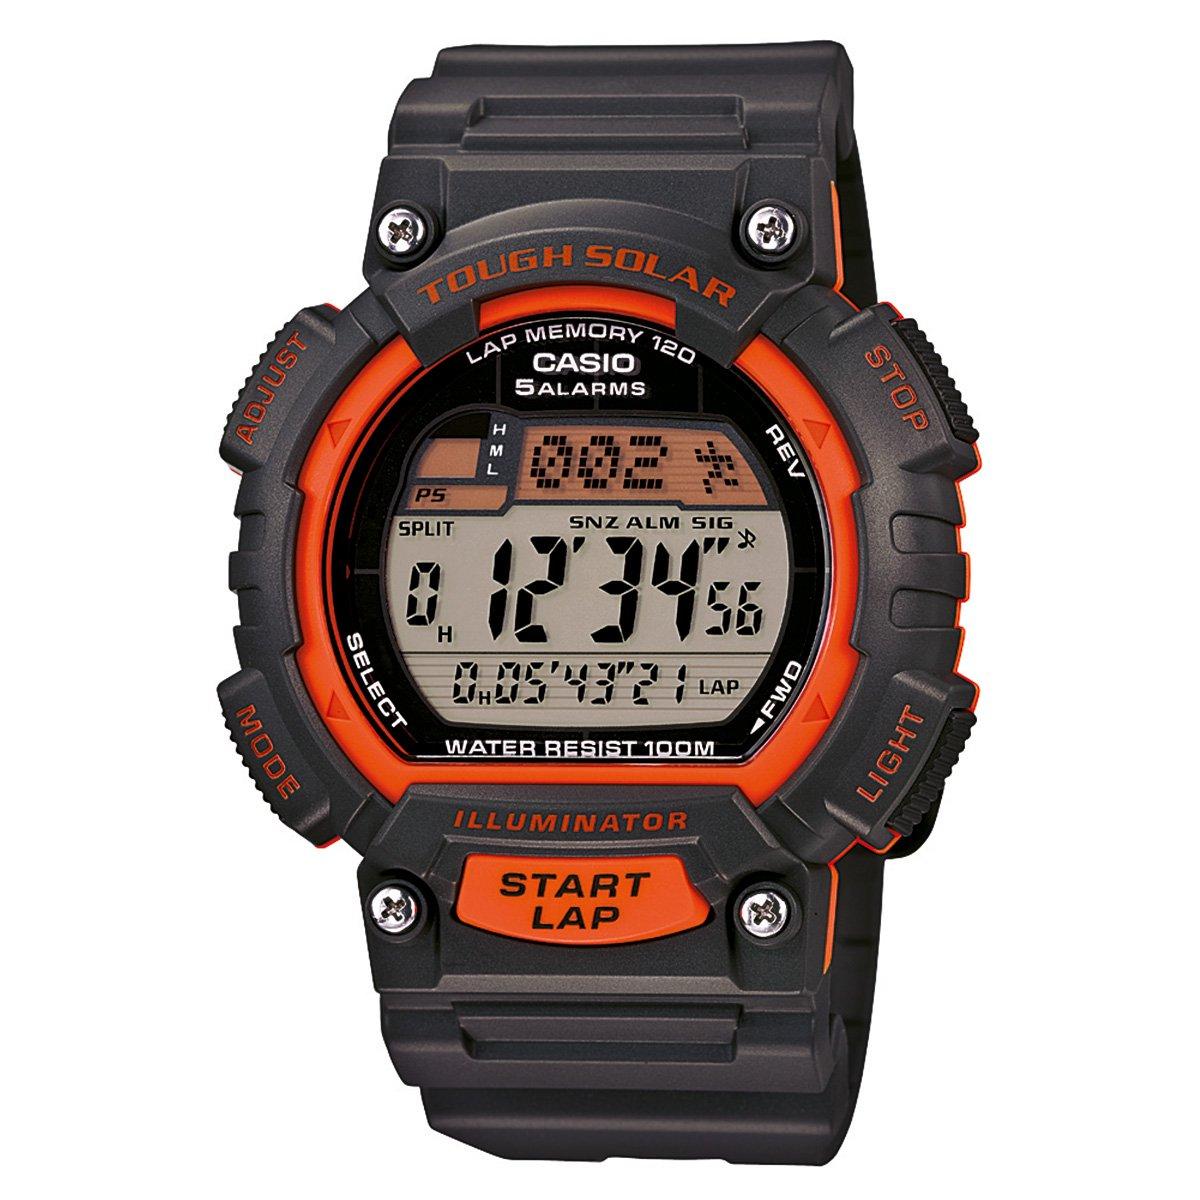 22d4afe54f0 Relógio Casio Digital STL-S100H - Preto e Laranja - Compre Agora ...